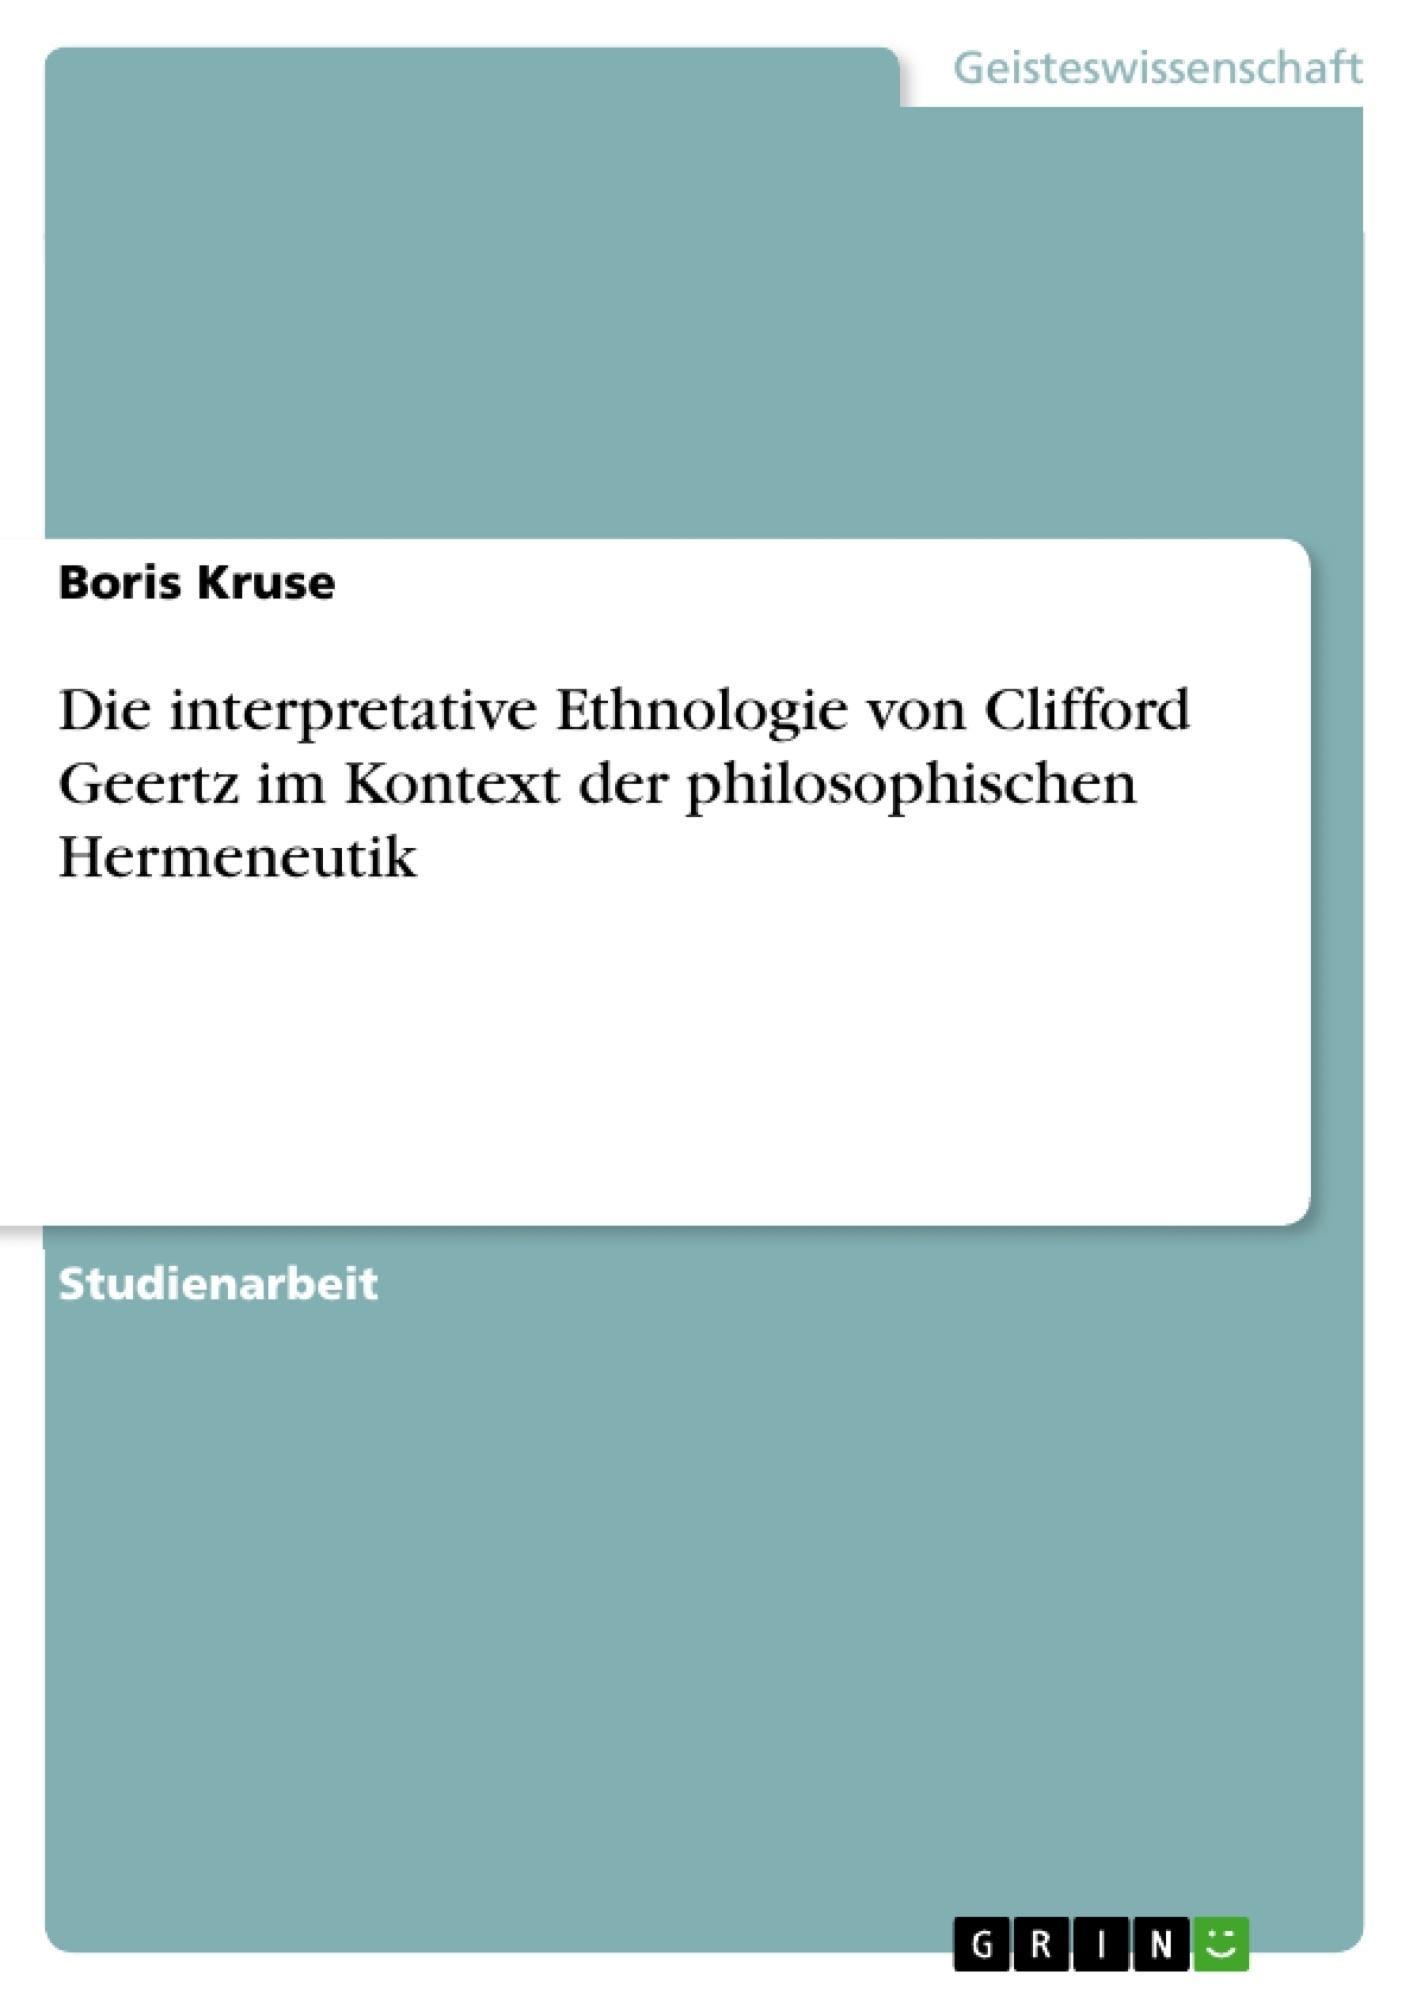 Titel: Die interpretative Ethnologie von Clifford Geertz im Kontext der philosophischen Hermeneutik